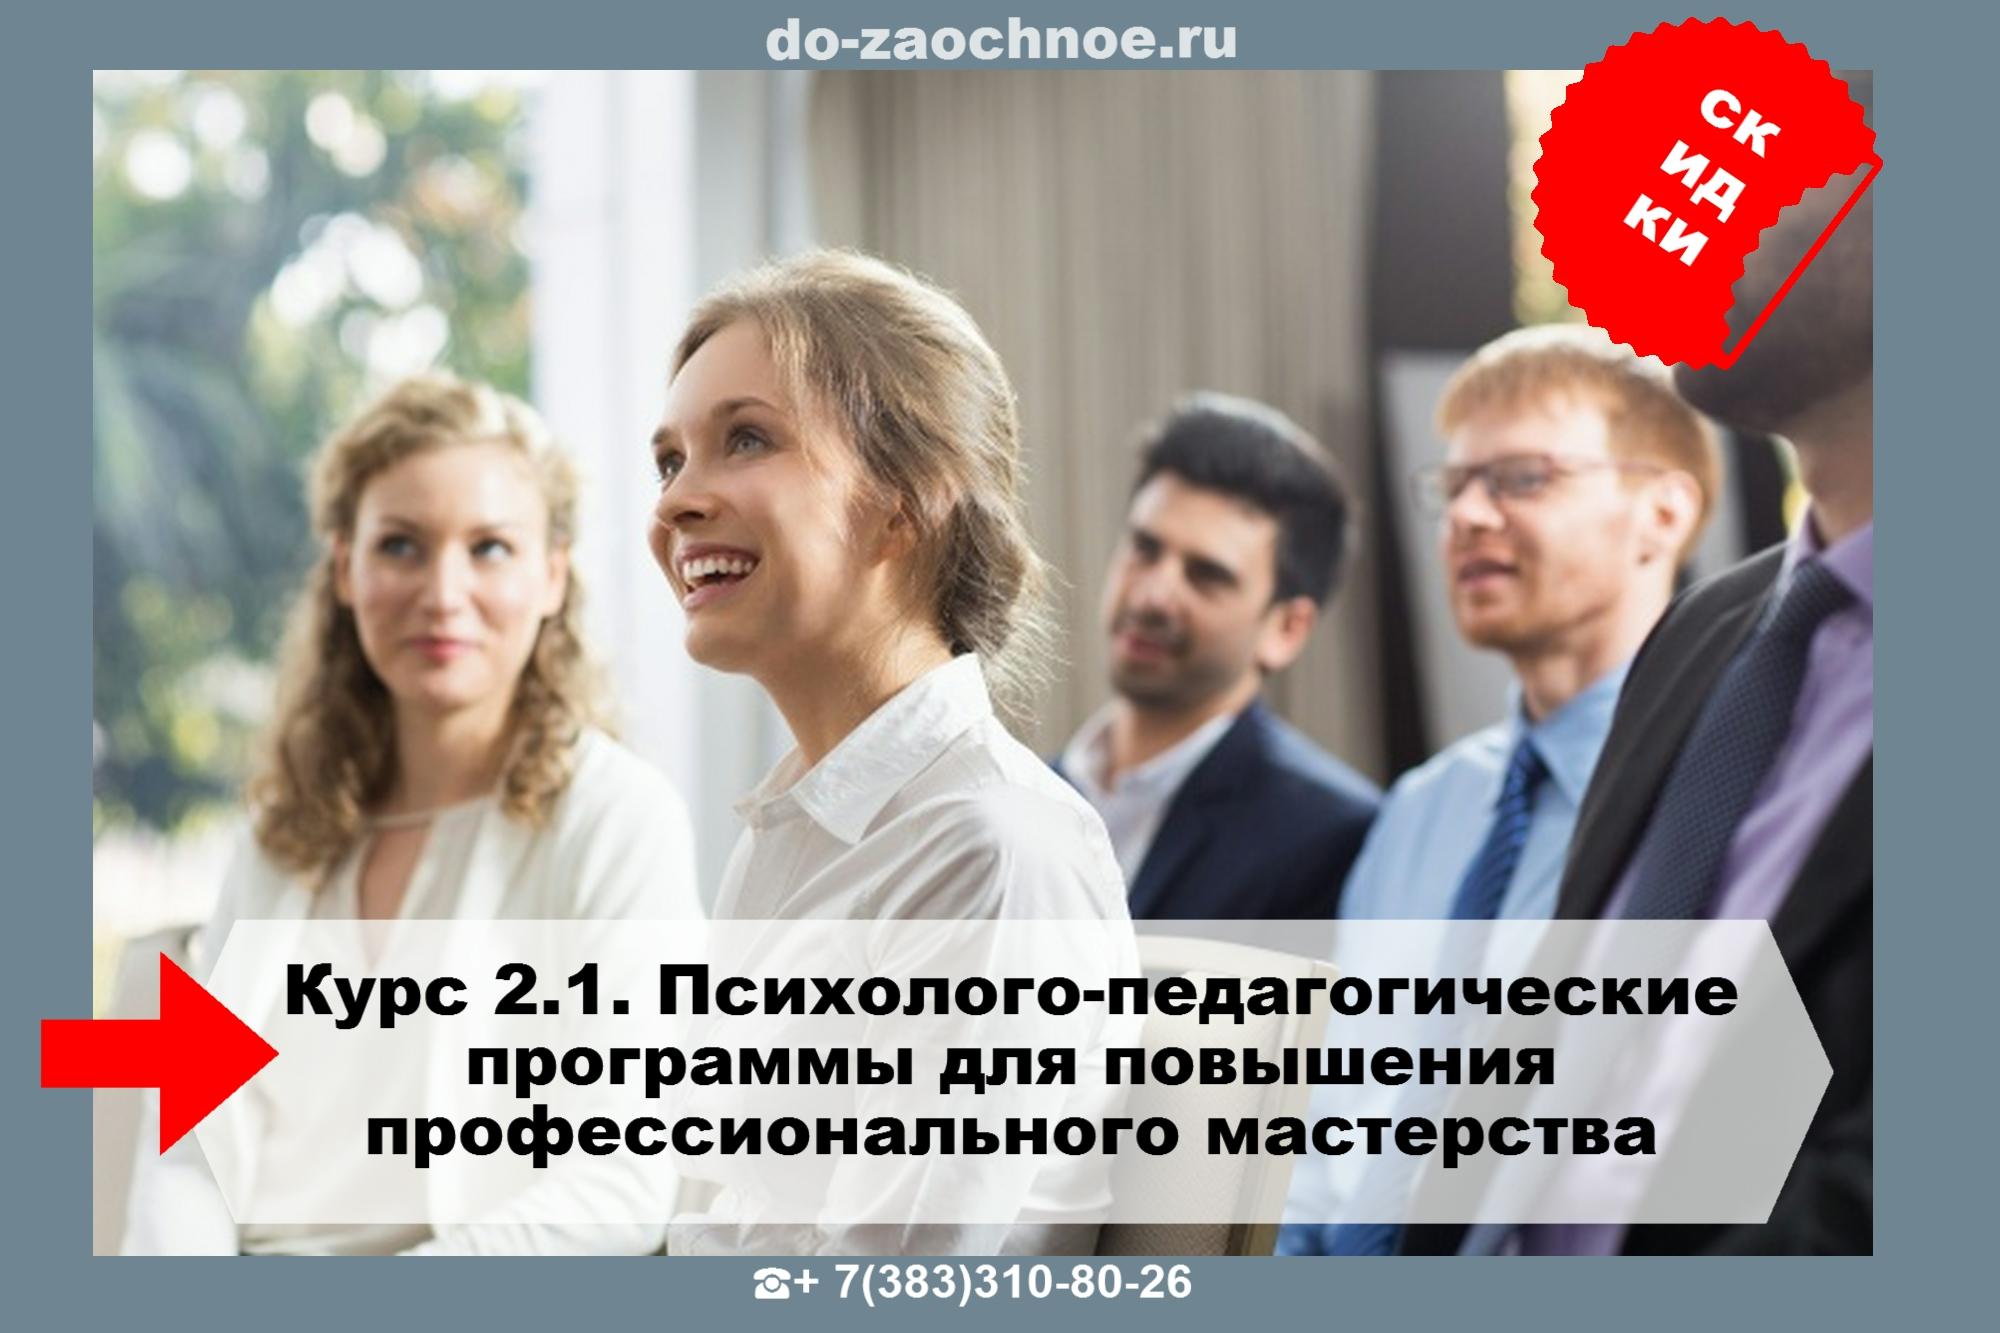 ИДПК дистанционные курсы для повышения профессионального мастерства на do-zaochnoe.ru